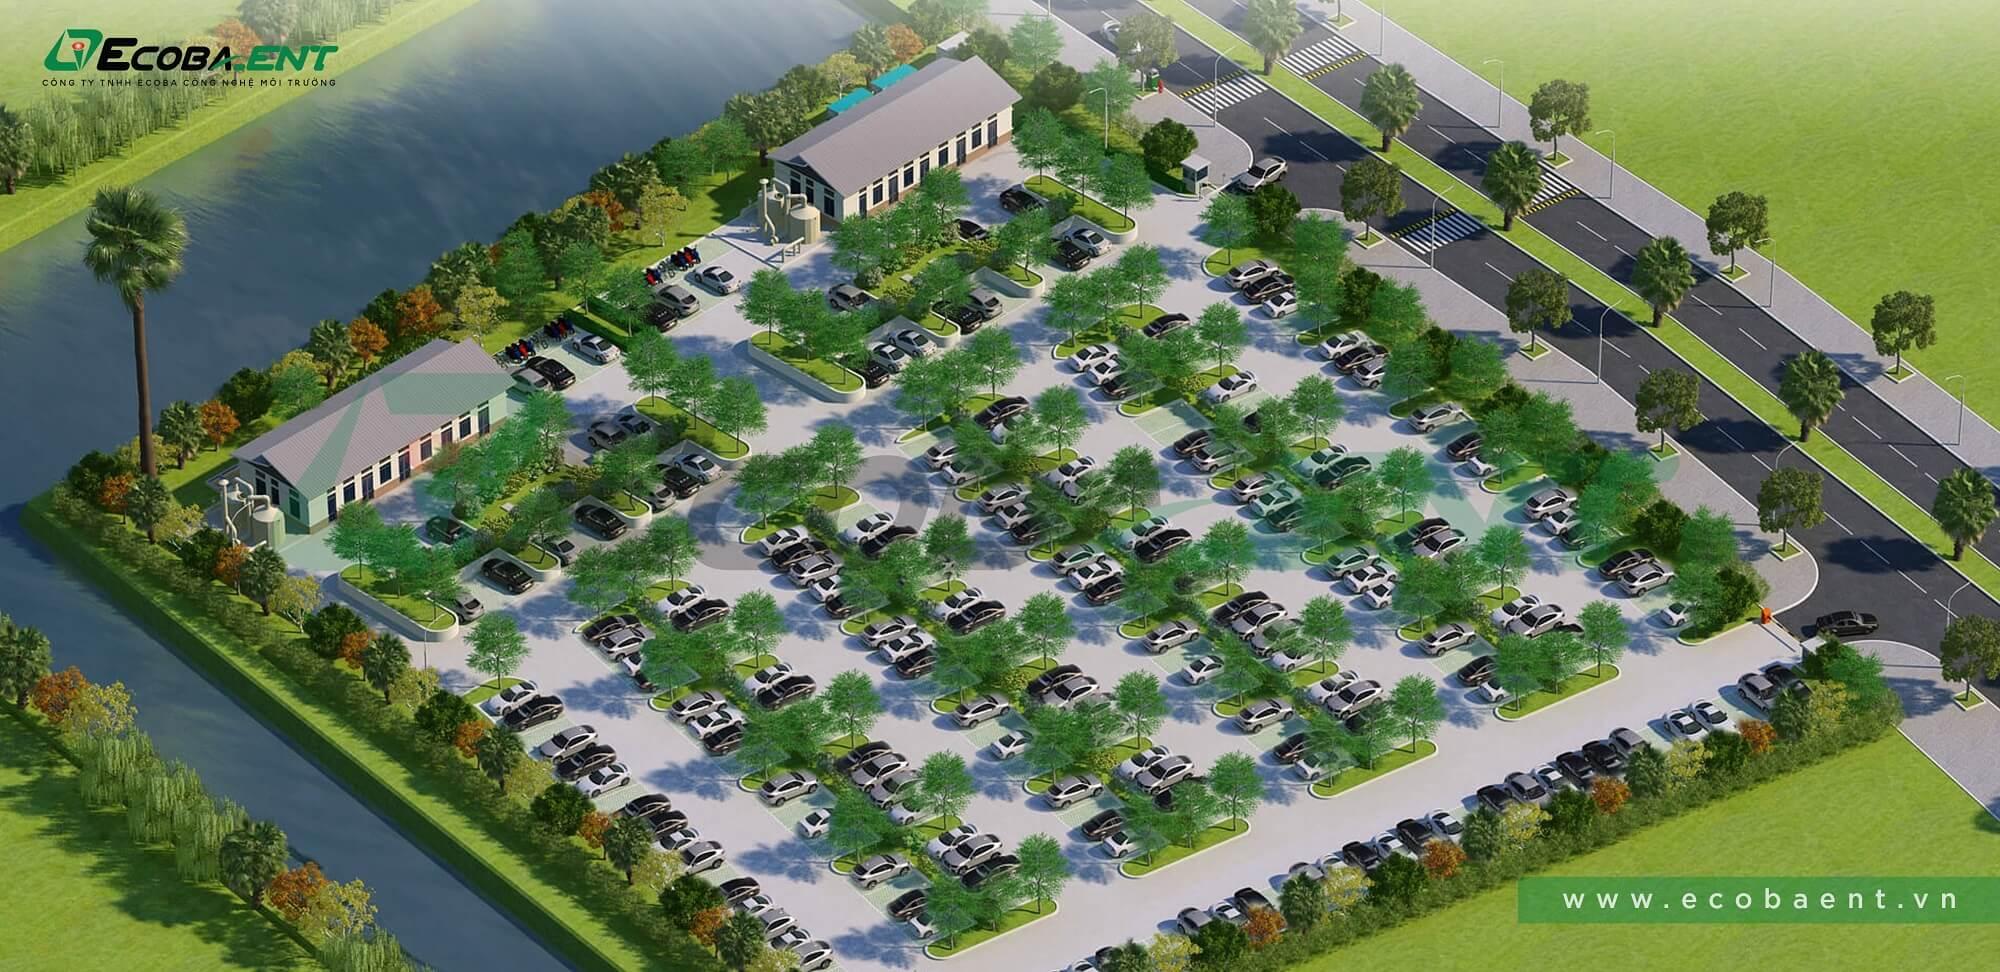 Trạm xử lý nước thải số 2 khu đô thị Ecopark